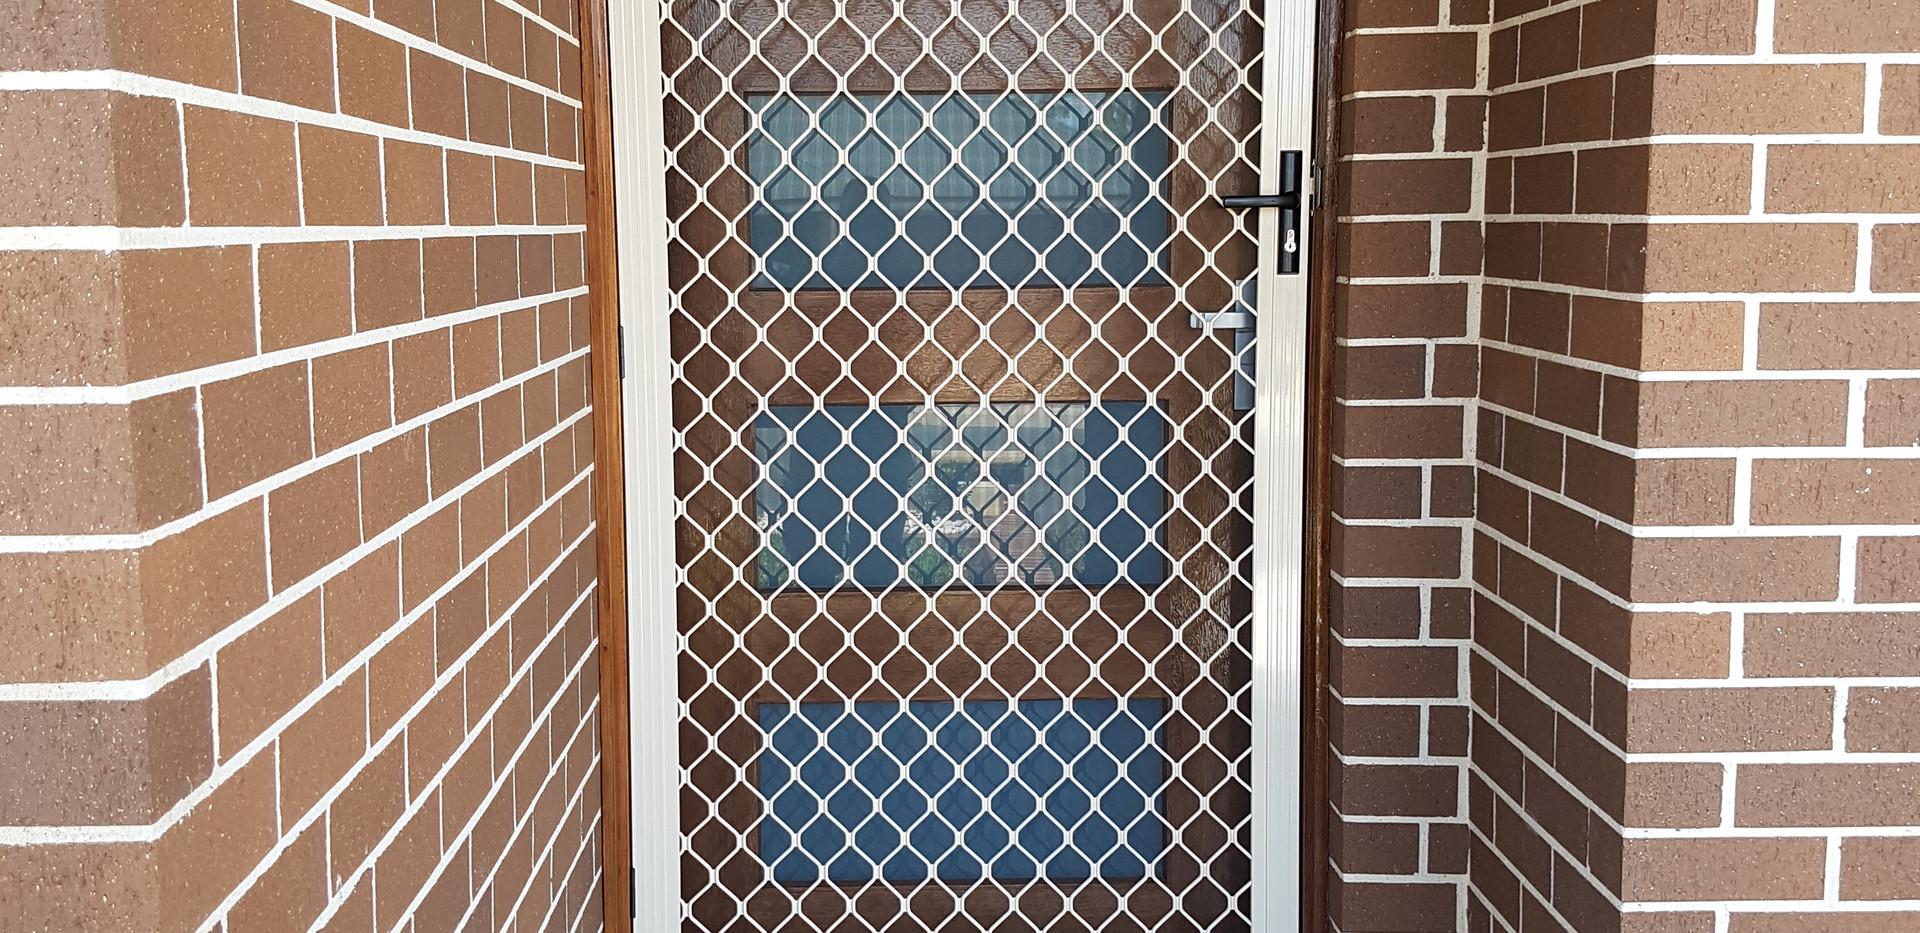 Diamond Grille Flyscreen Barrier Door